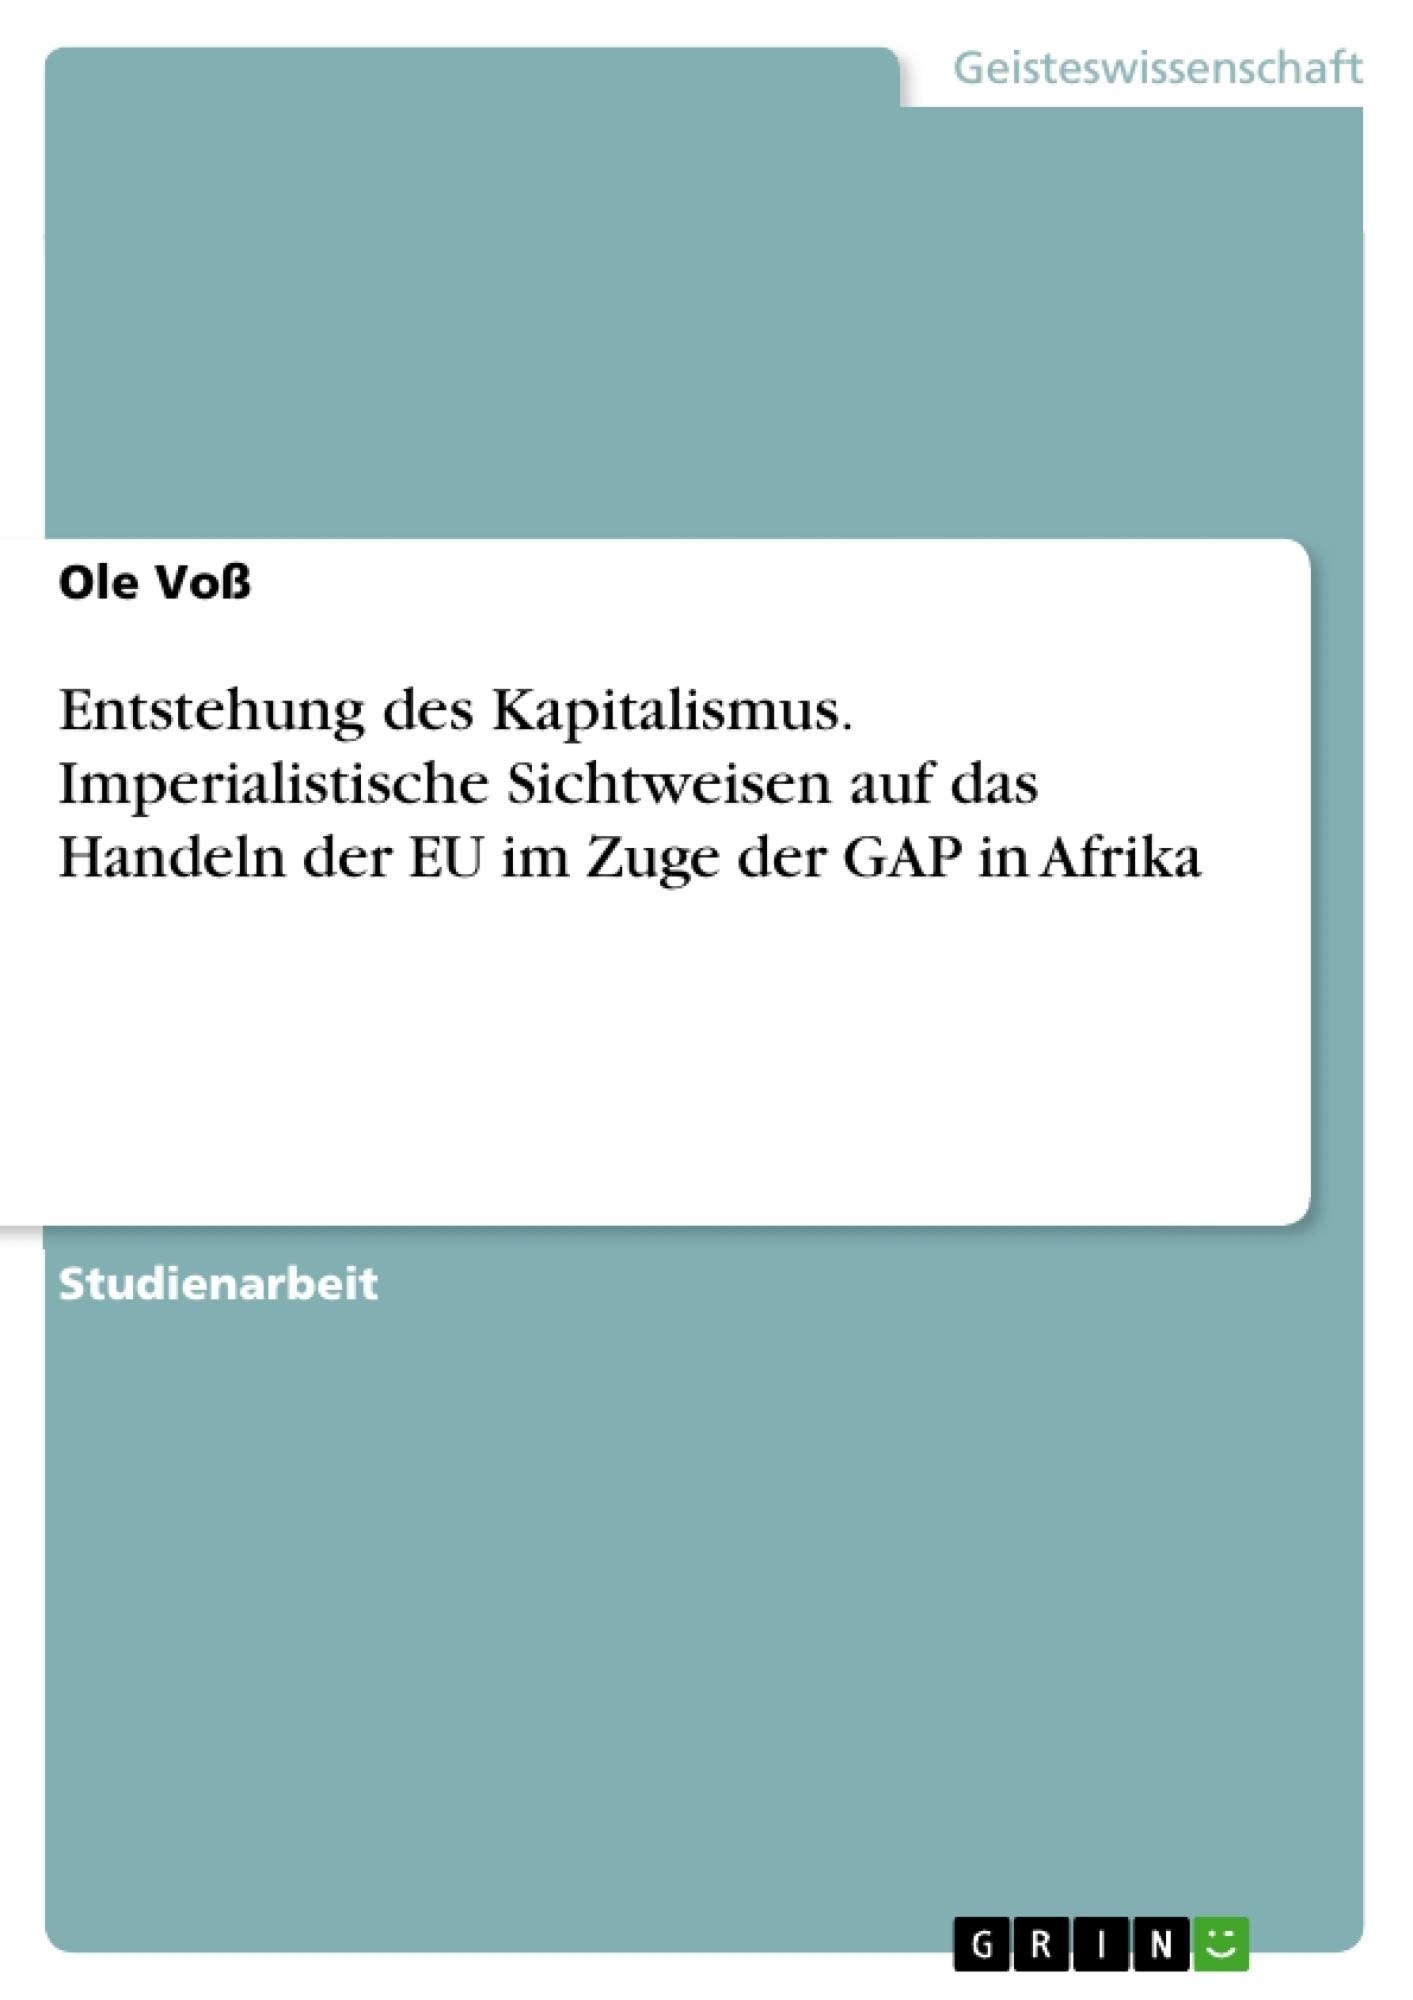 Titel: Entstehung des Kapitalismus. Imperialistische Sichtweisen auf das Handeln der EU im Zuge der GAP in Afrika